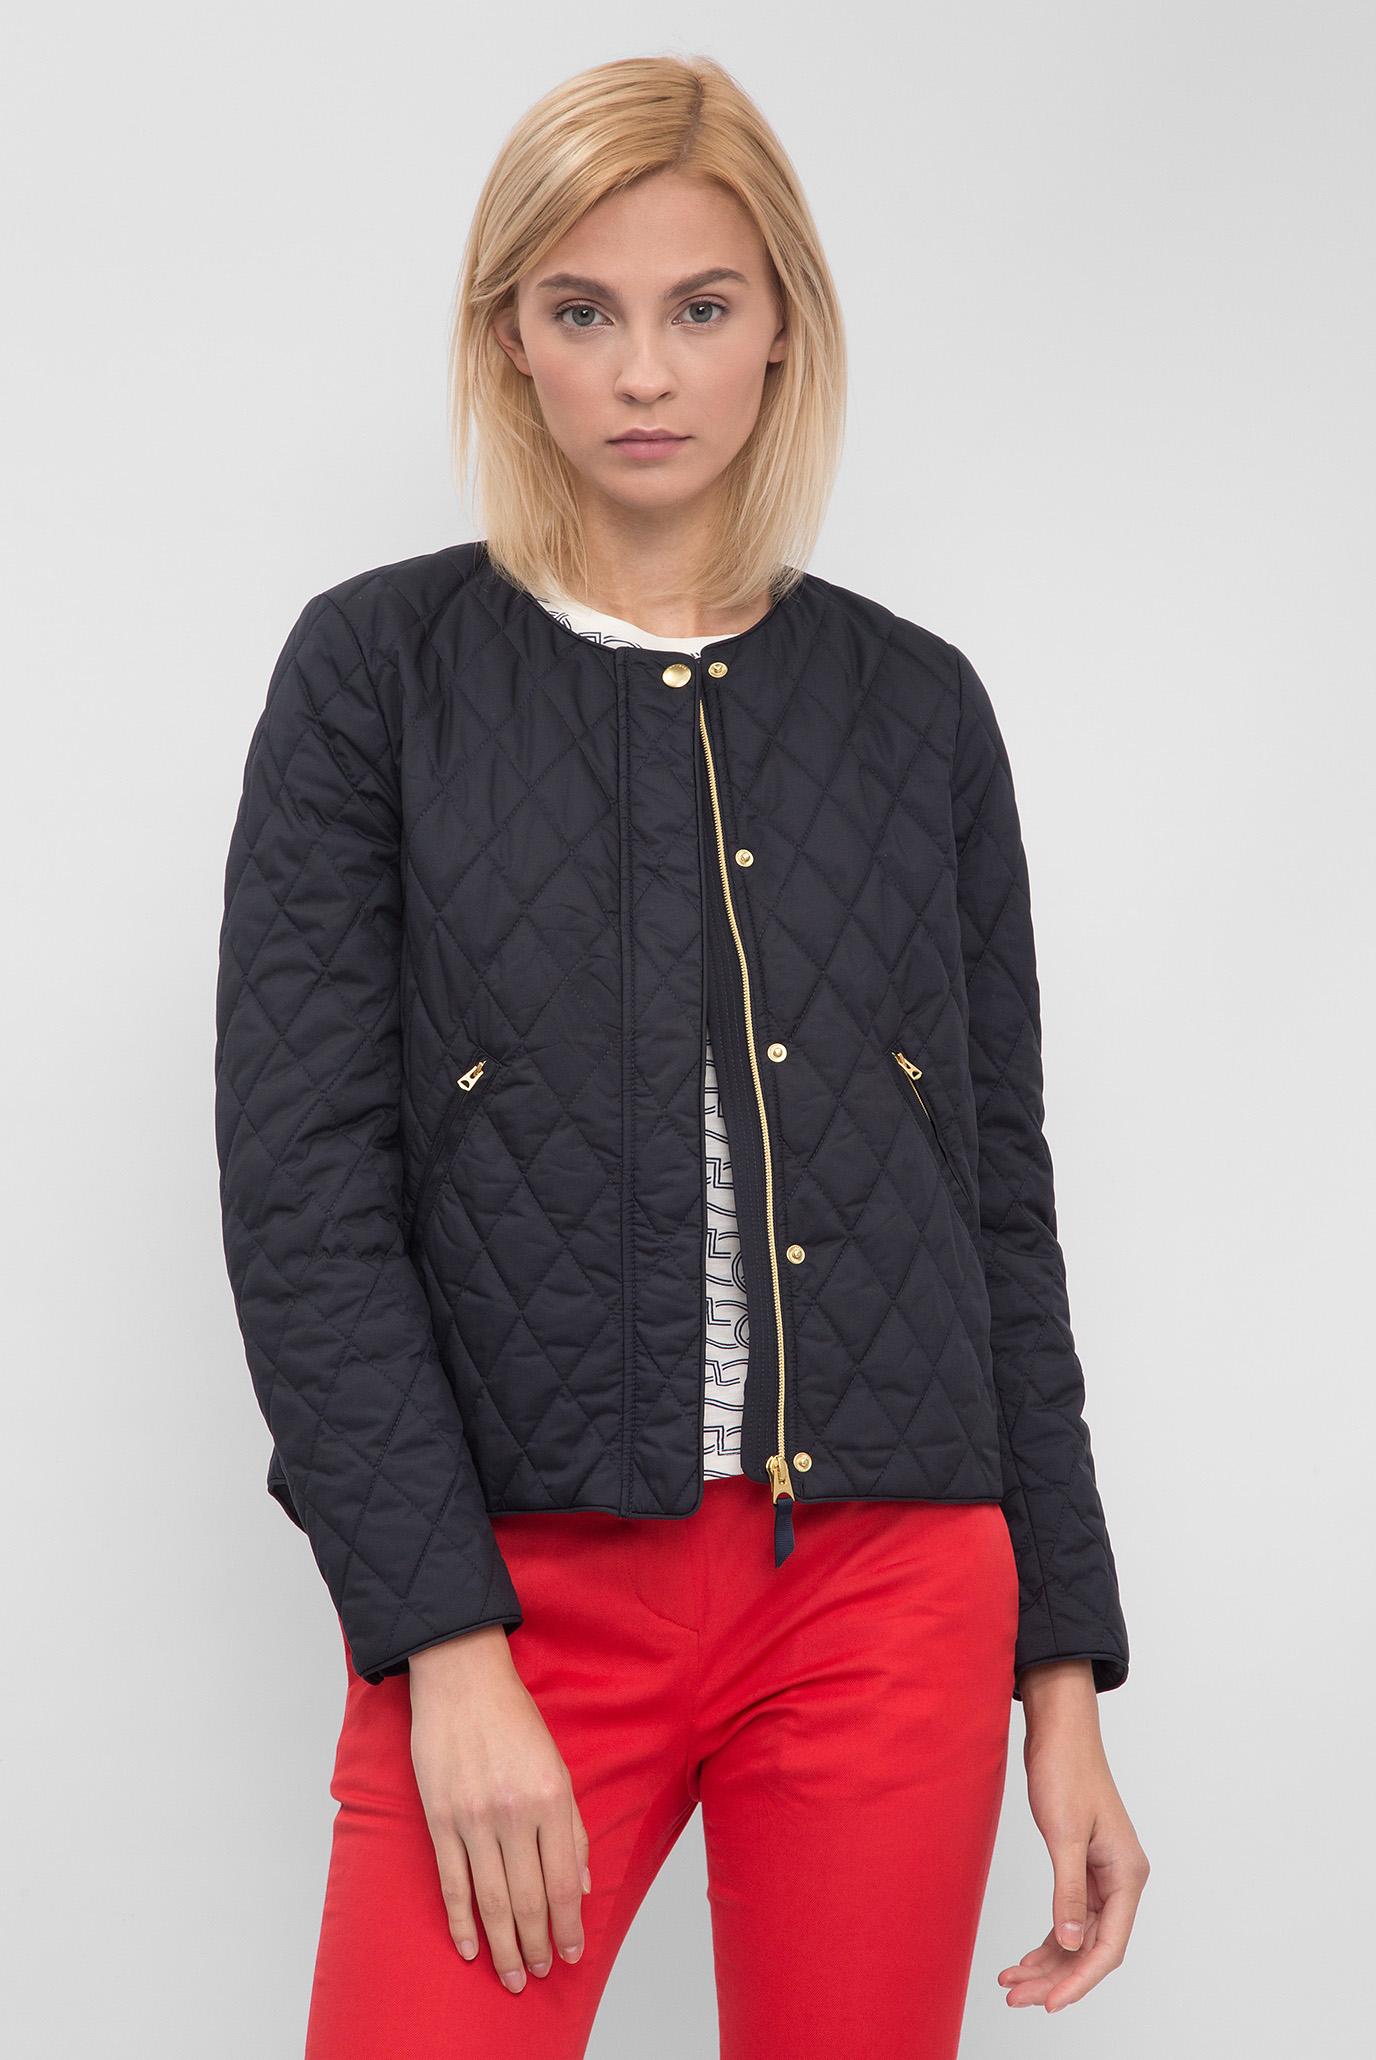 Купить Женская синяя стеганая куртка Gant Gant 470755 – Киев ... 950b970010438